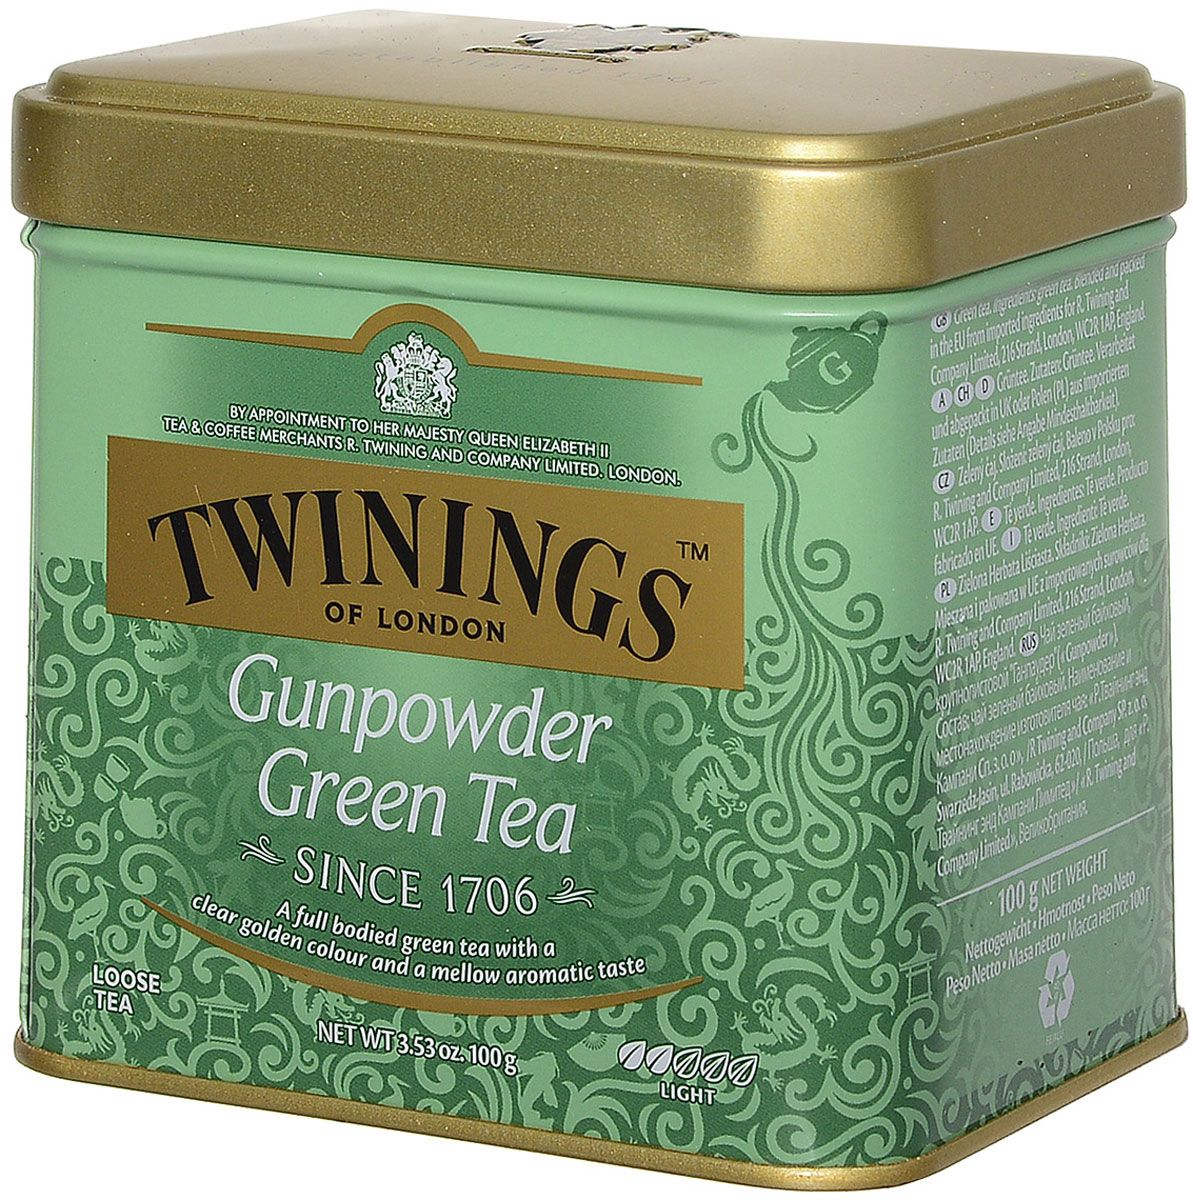 Twinings Gunpowder чай зеленый листовой, 100 г0120710Twinings Gunpowder - крупнолистовой зеленый чай, скрученный в форме пороха, имеет вид мелкой дроби или картечи. При заваривании получается душистый прозрачный напиток светло-золотистого цвета с мягким бархатистым вкусом.